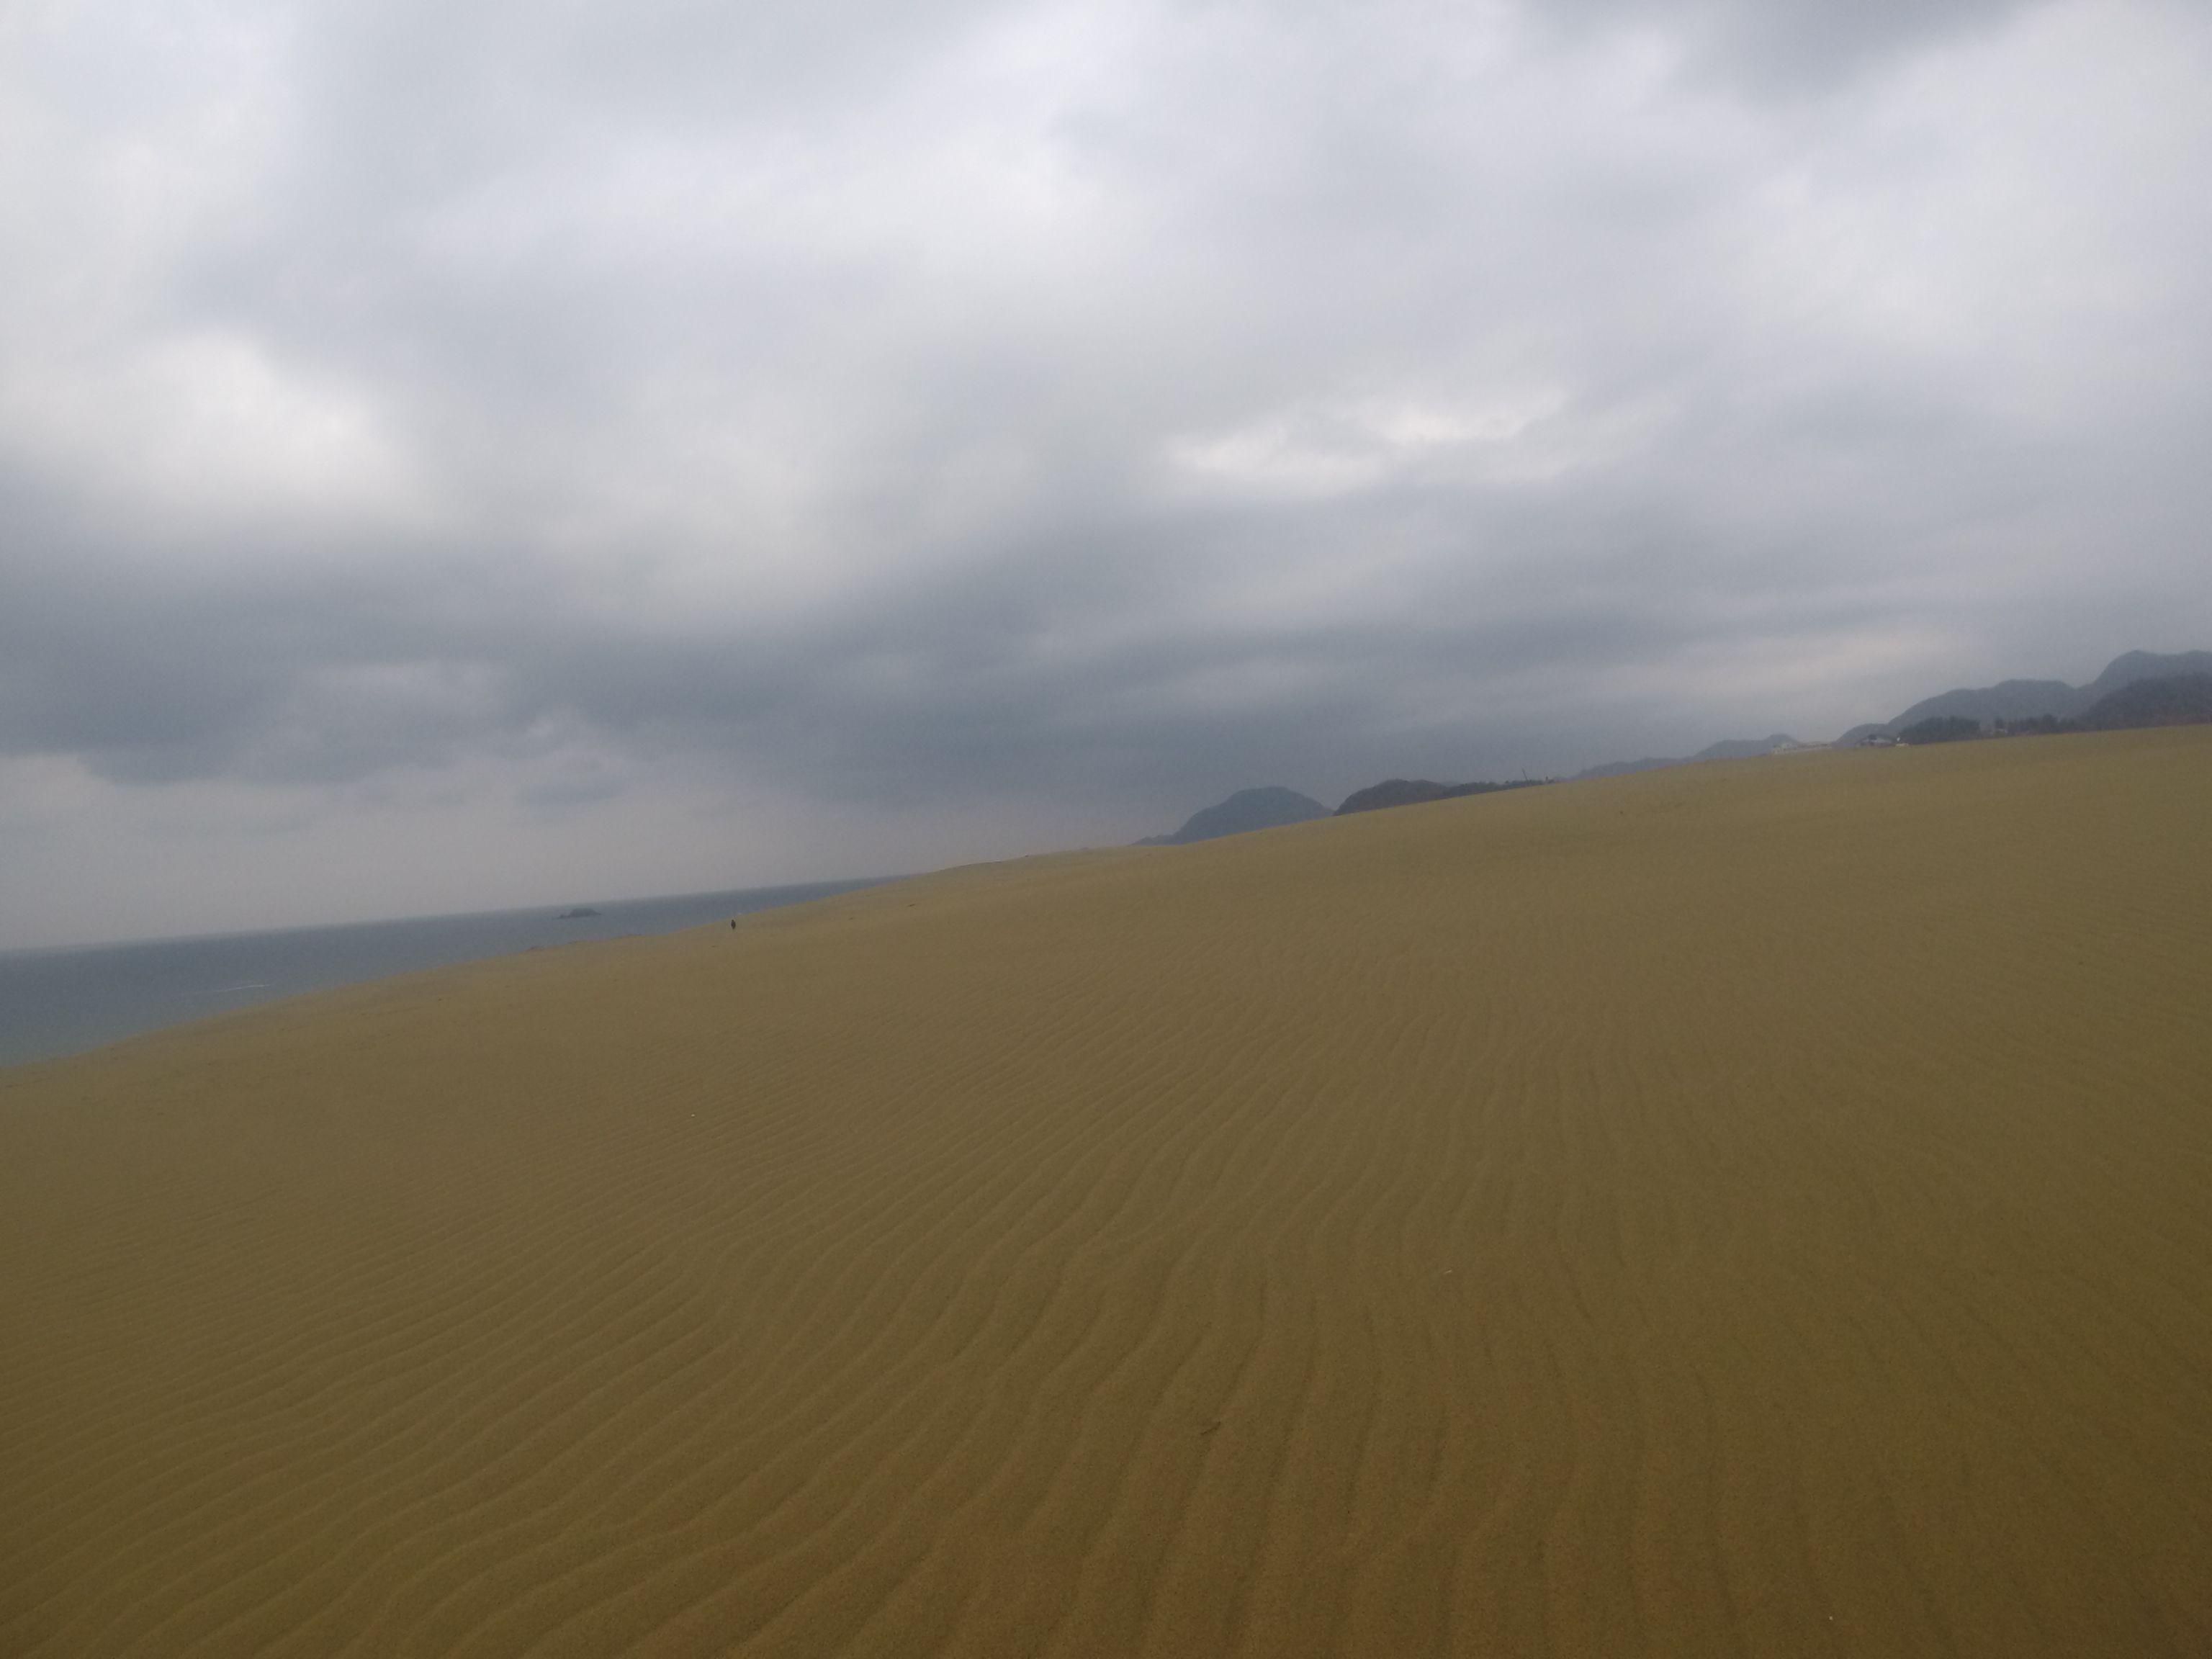 久しぶりに美しい風紋が広がった鳥取砂丘